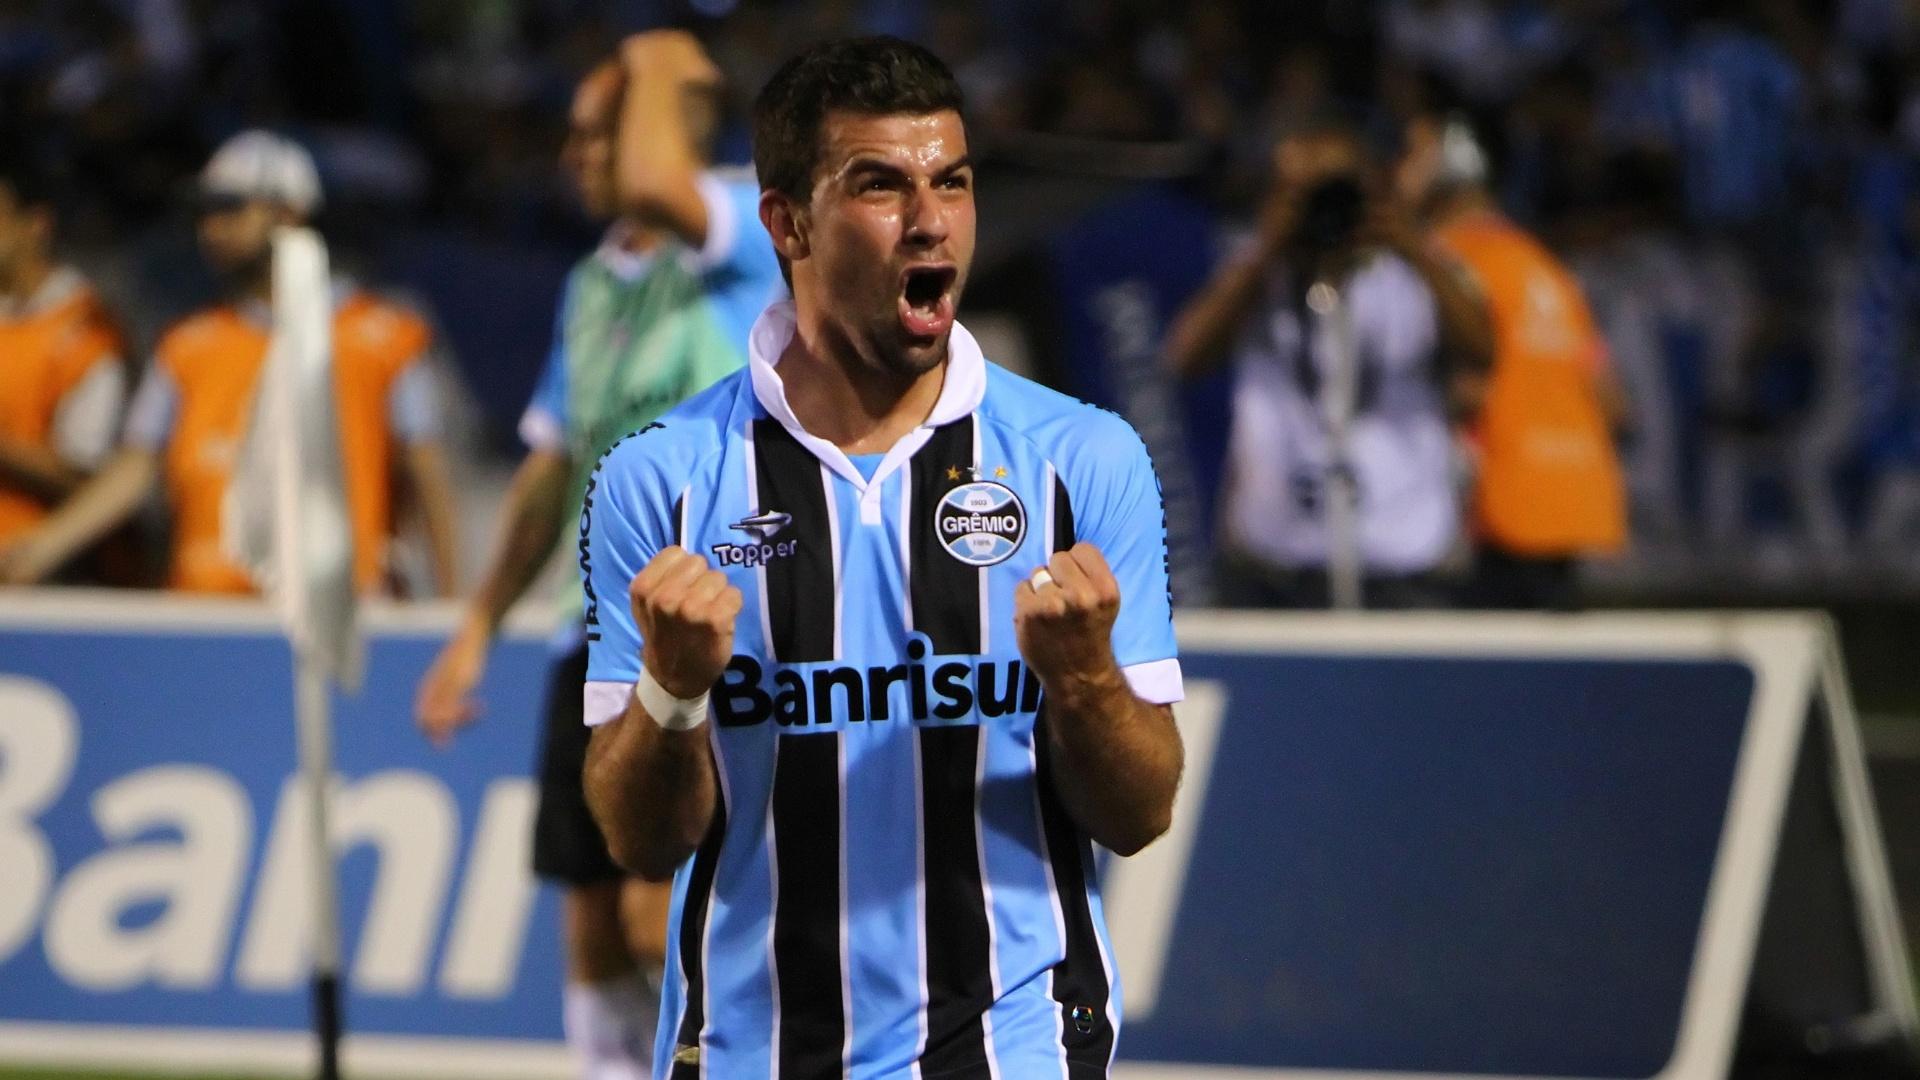 André Lima vibra após marcar no fim da partida contra a Ponte Preta no Olimpico